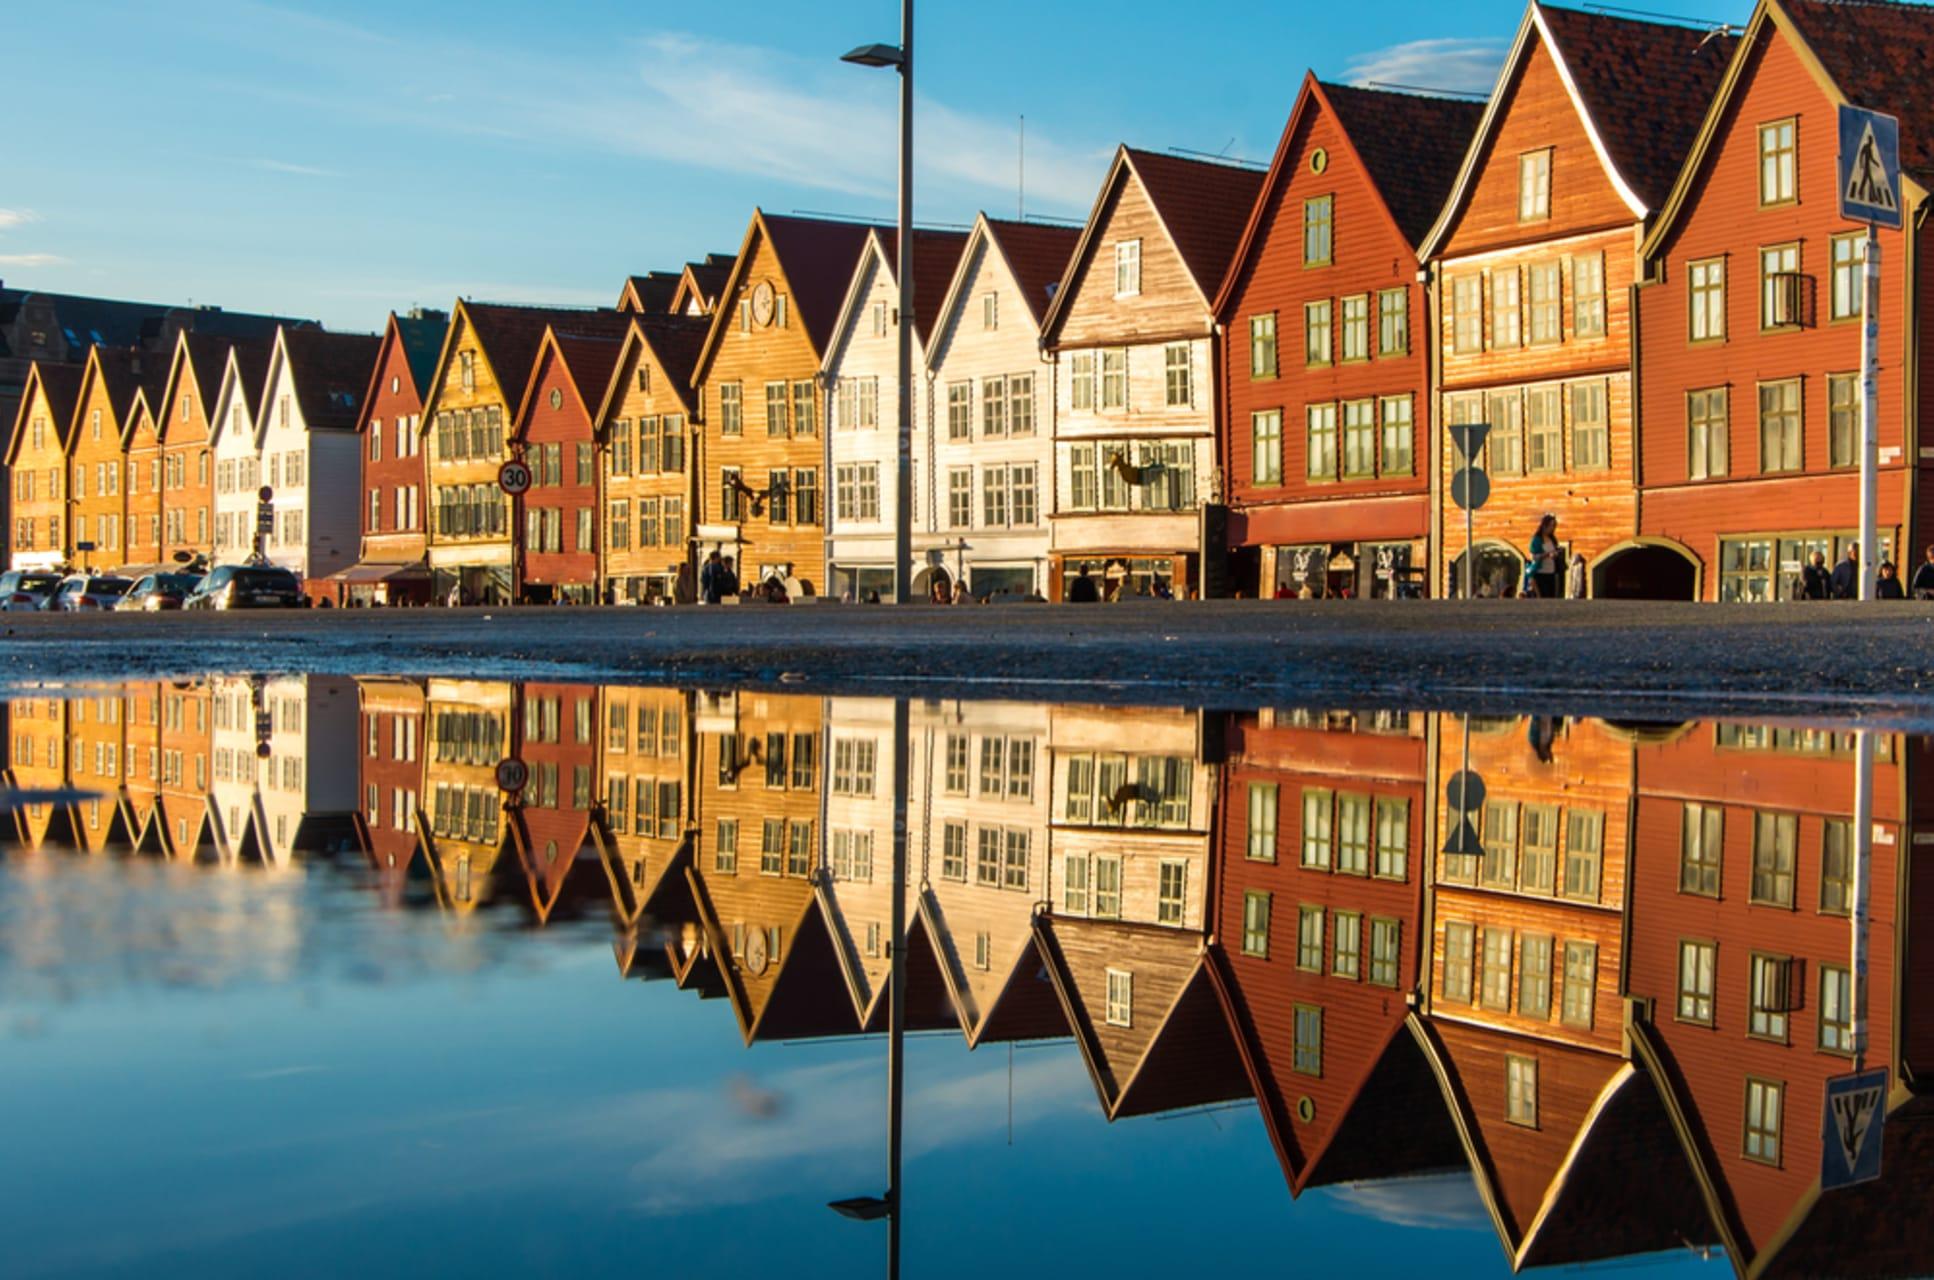 Bergen - Explore Bergen's UNESCO World Heritage site 'Bryggen' on this walk through medieval times